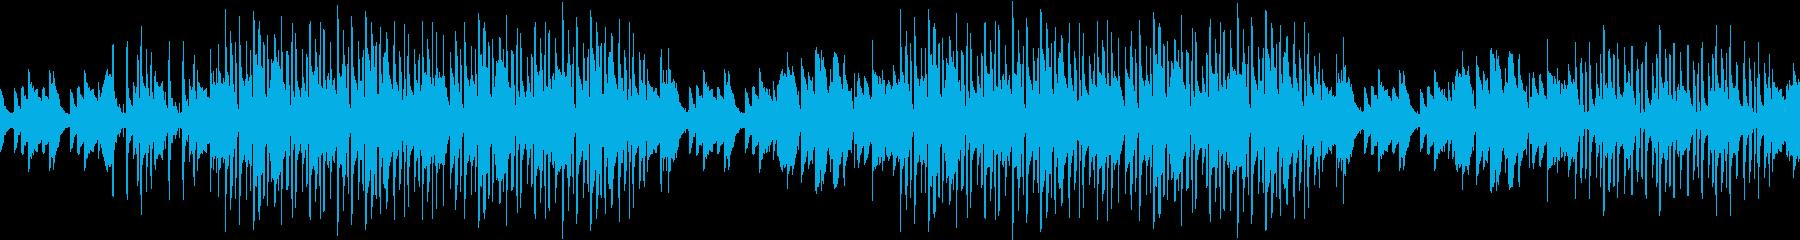 ハロウィン・怪しげ・不安・ピアノ・ループの再生済みの波形